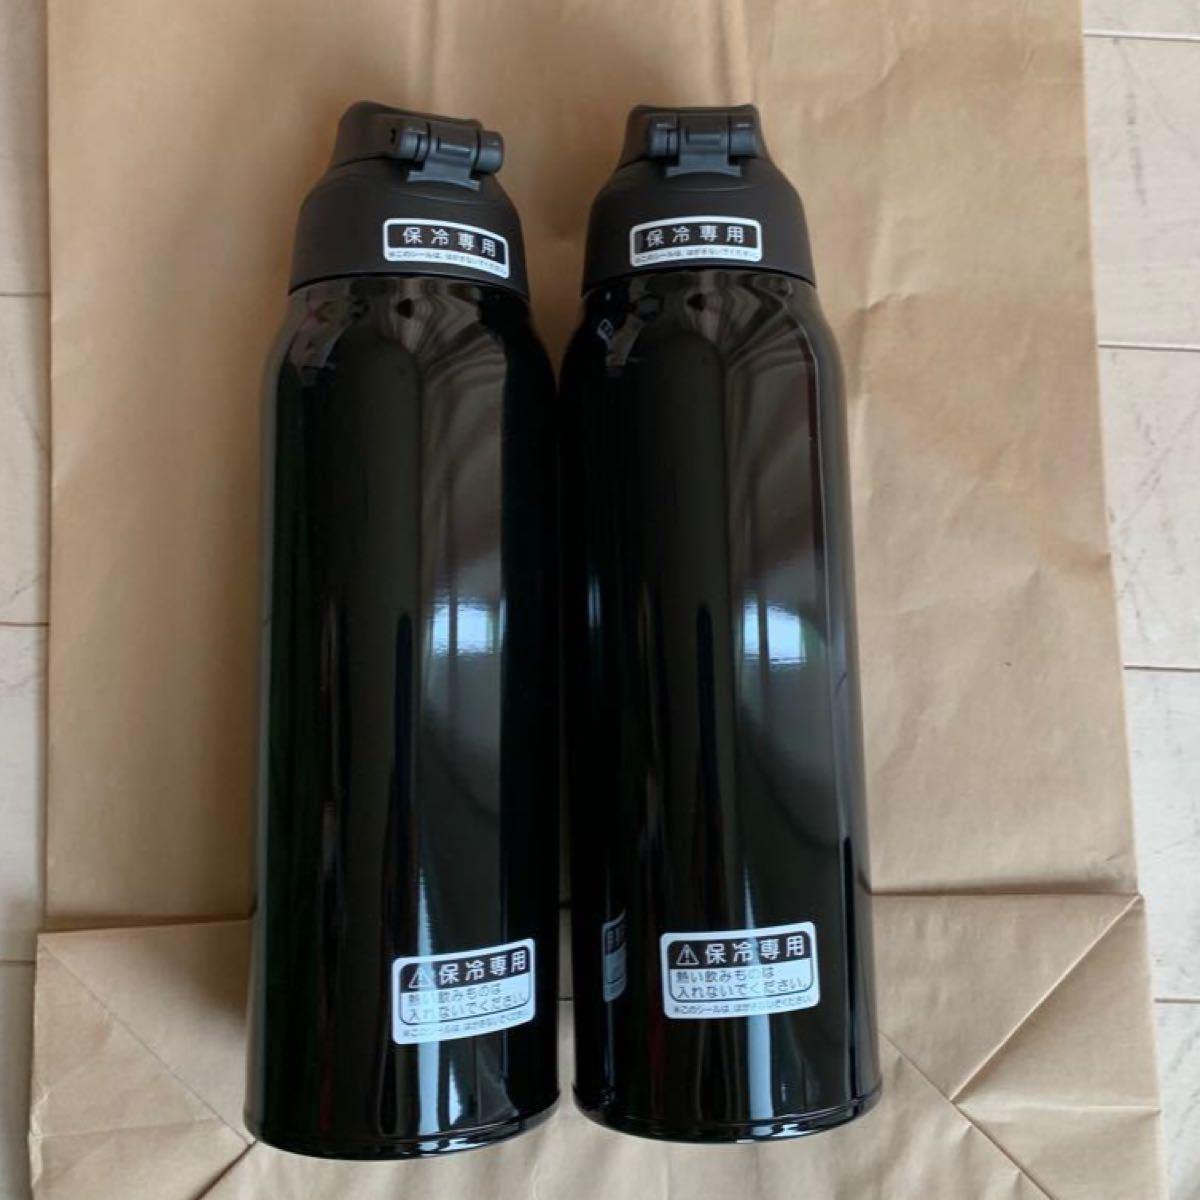 サーモス 水筒 スポーツボトルのみ2個セット カバーなしヤマト便送料込み価格